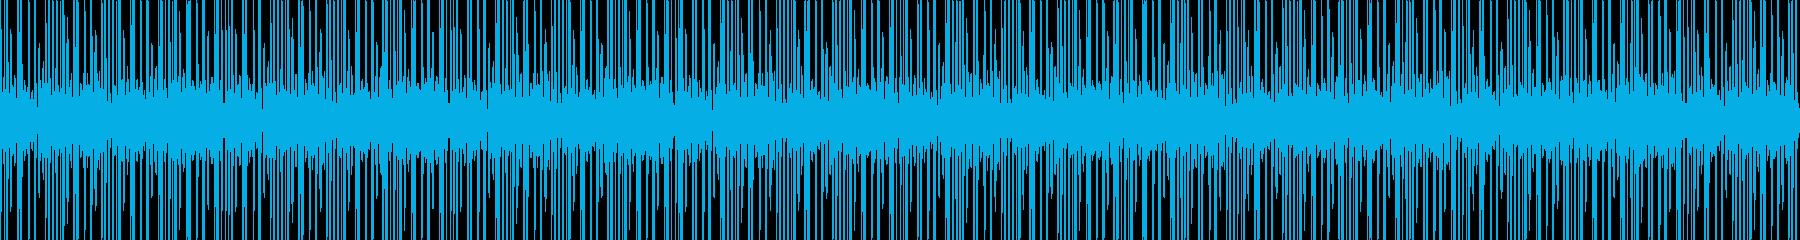 研究所のビートの再生済みの波形